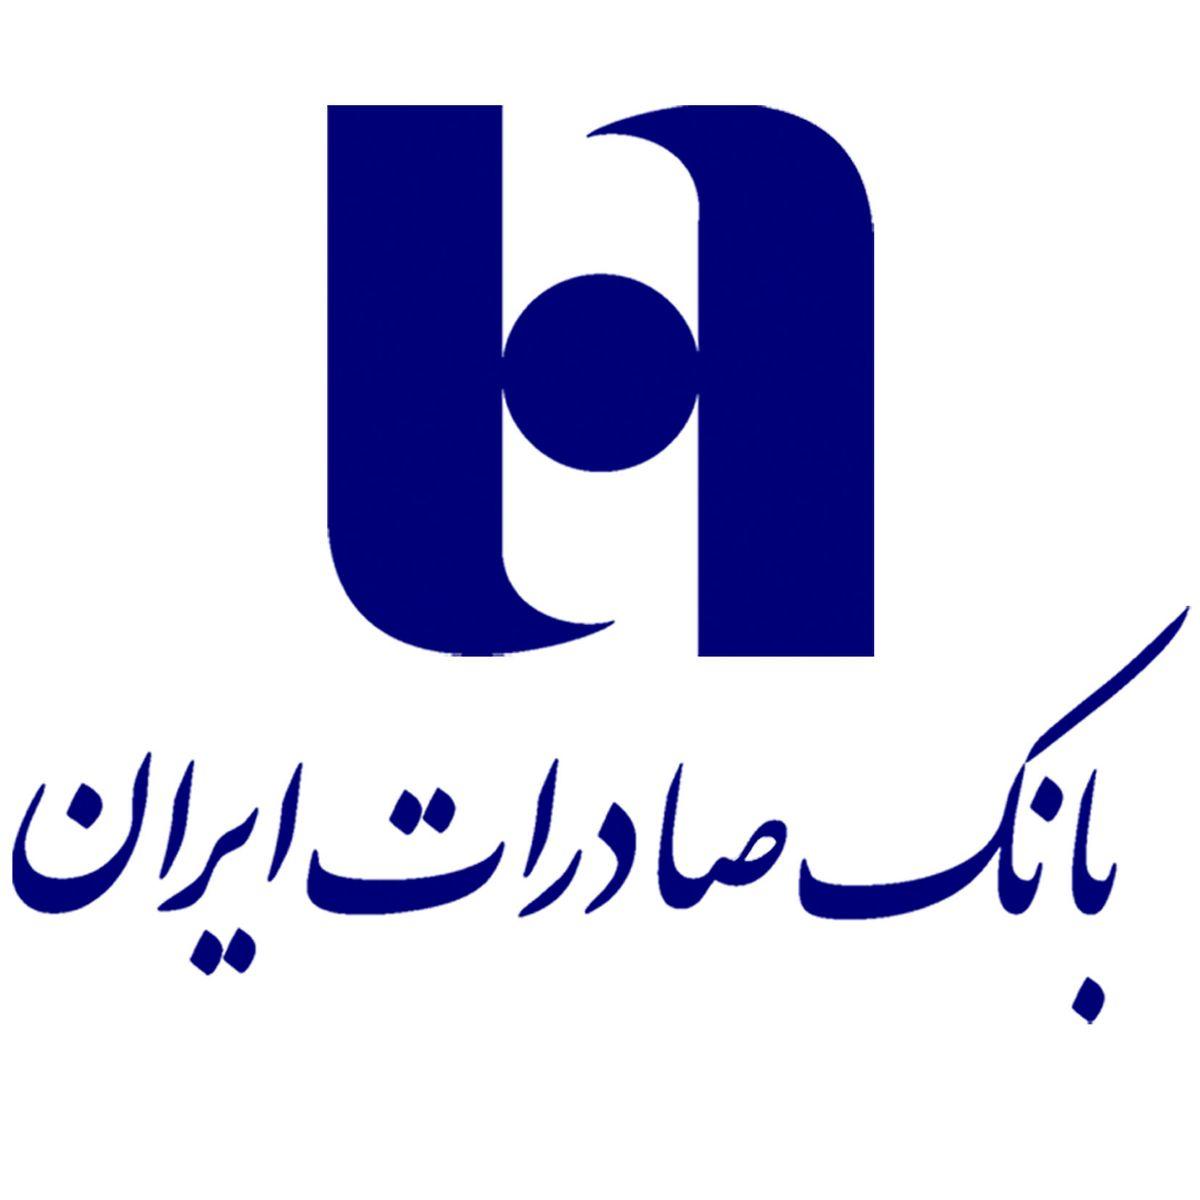 ویژه سهامداران بانک صادرات (۱۹اردیبهشت) / حقوقیها از تشکیل صف فروش وبصادر جلوگیری کردند